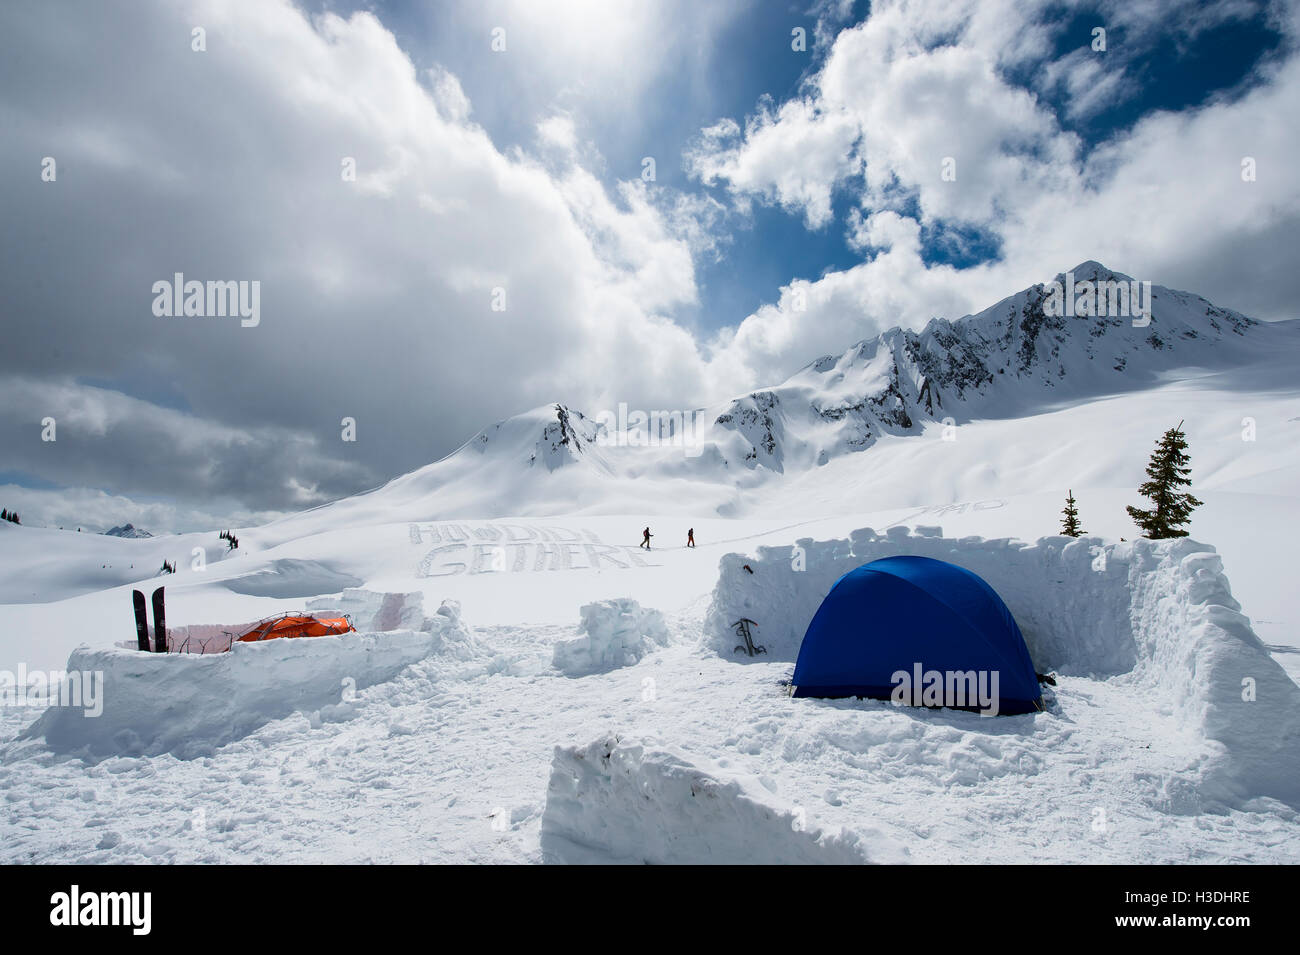 Expedición de snowboard campamento base en Canadá Imagen De Stock